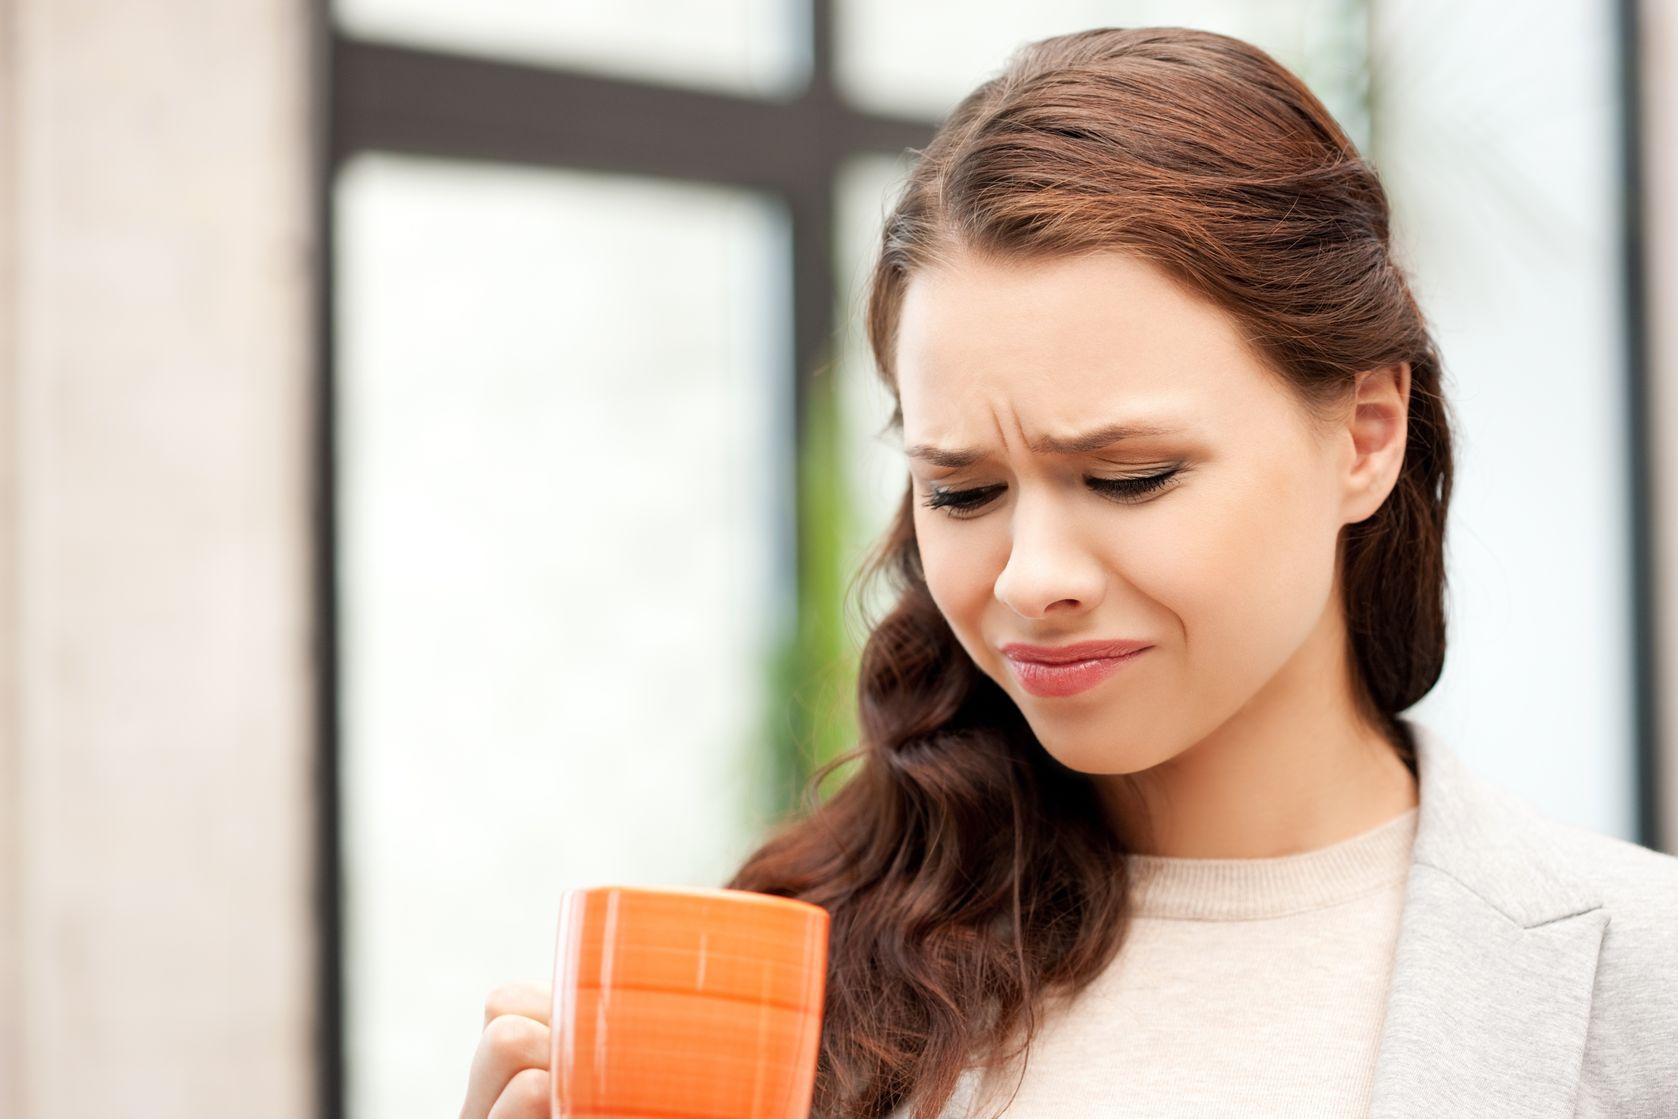 Беременность кисло во рту после еды